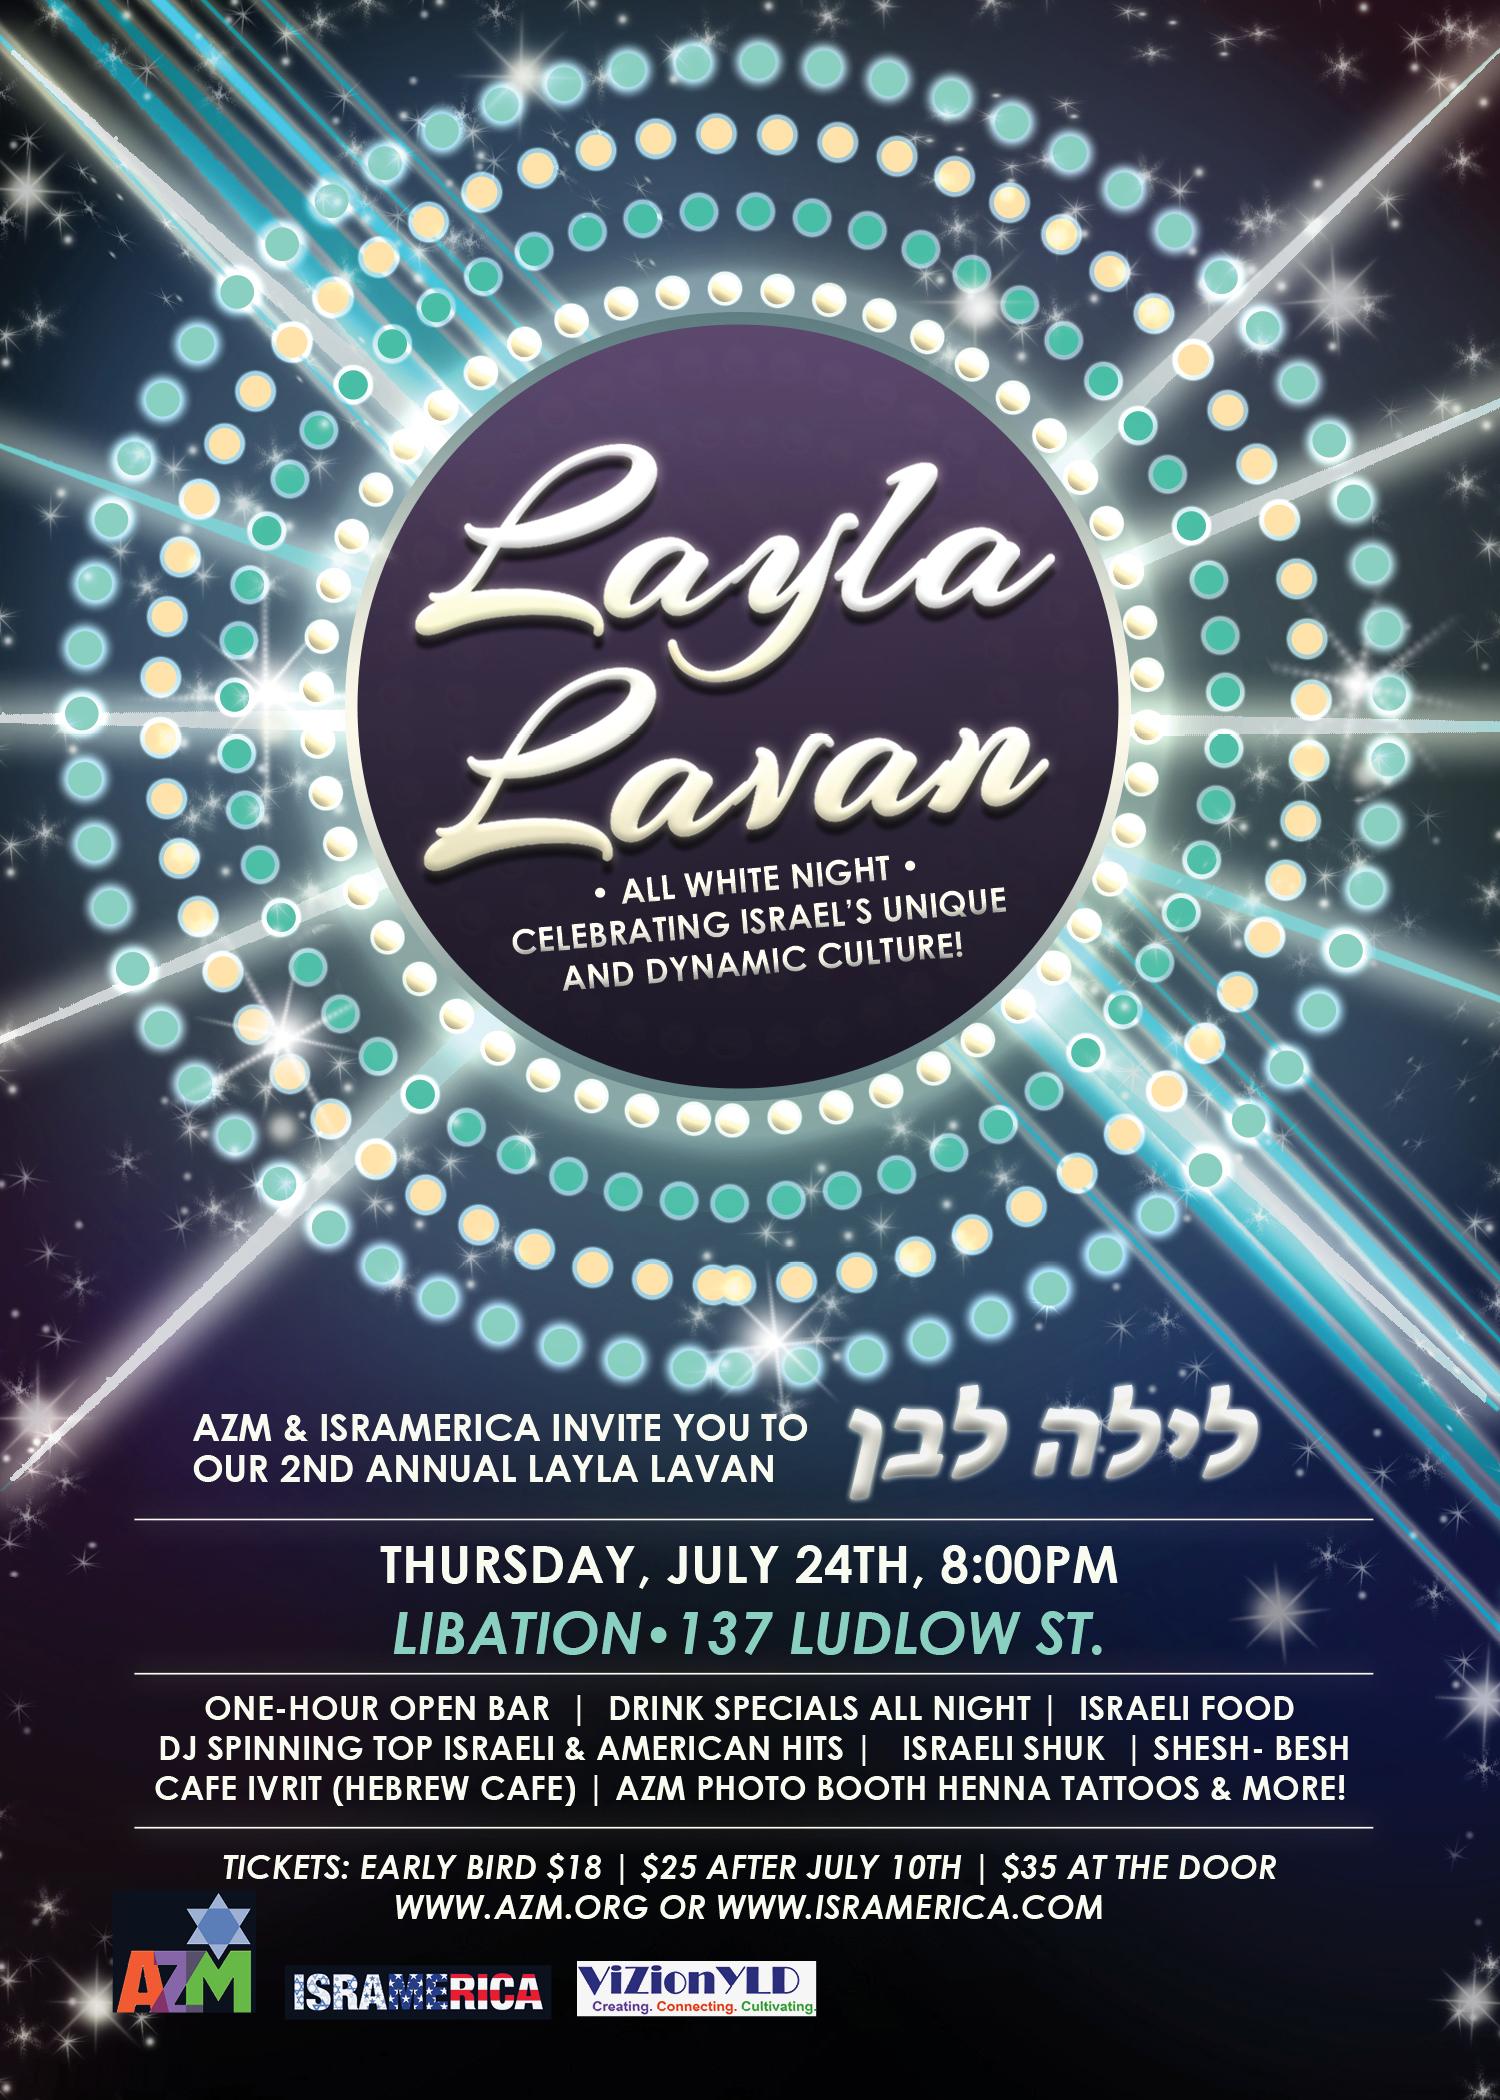 Layla Lavan flier